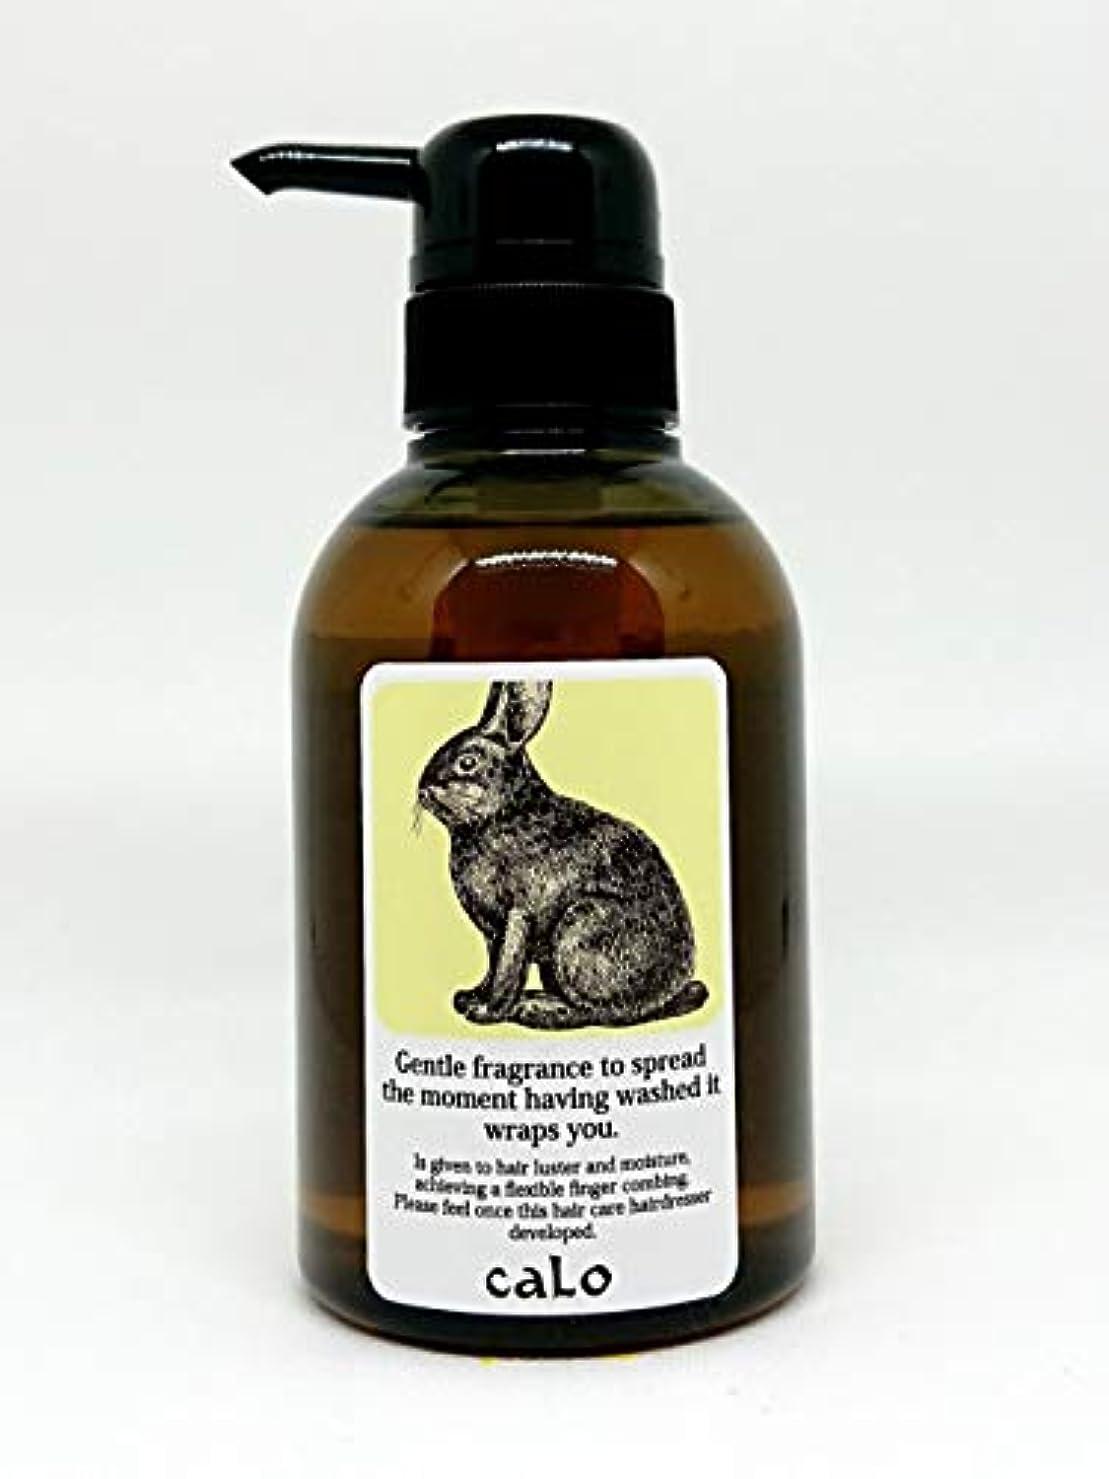 病気のハード文字通りカロシャンプー Be 精油のみの香り 香料不使用 バスルームの癒し ストレス緩和 子供用シャンプー アロマ 柑橘系